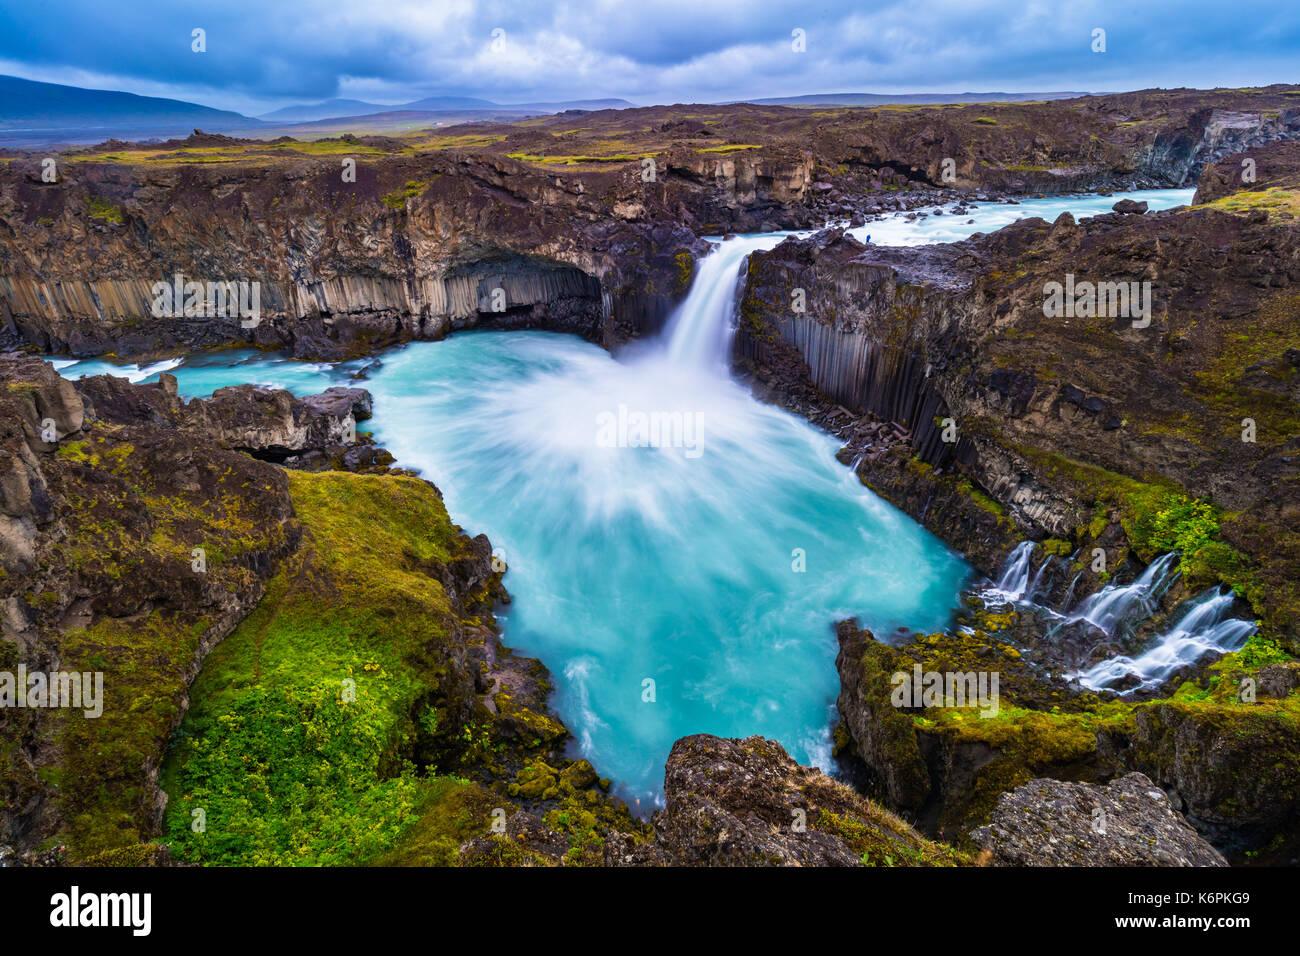 La cascata Aldeyjarfoss è situato nel nord dell'Islanda presso la parte settentrionale dell'altopiano Sprengisandur Road in Islanda Immagini Stock